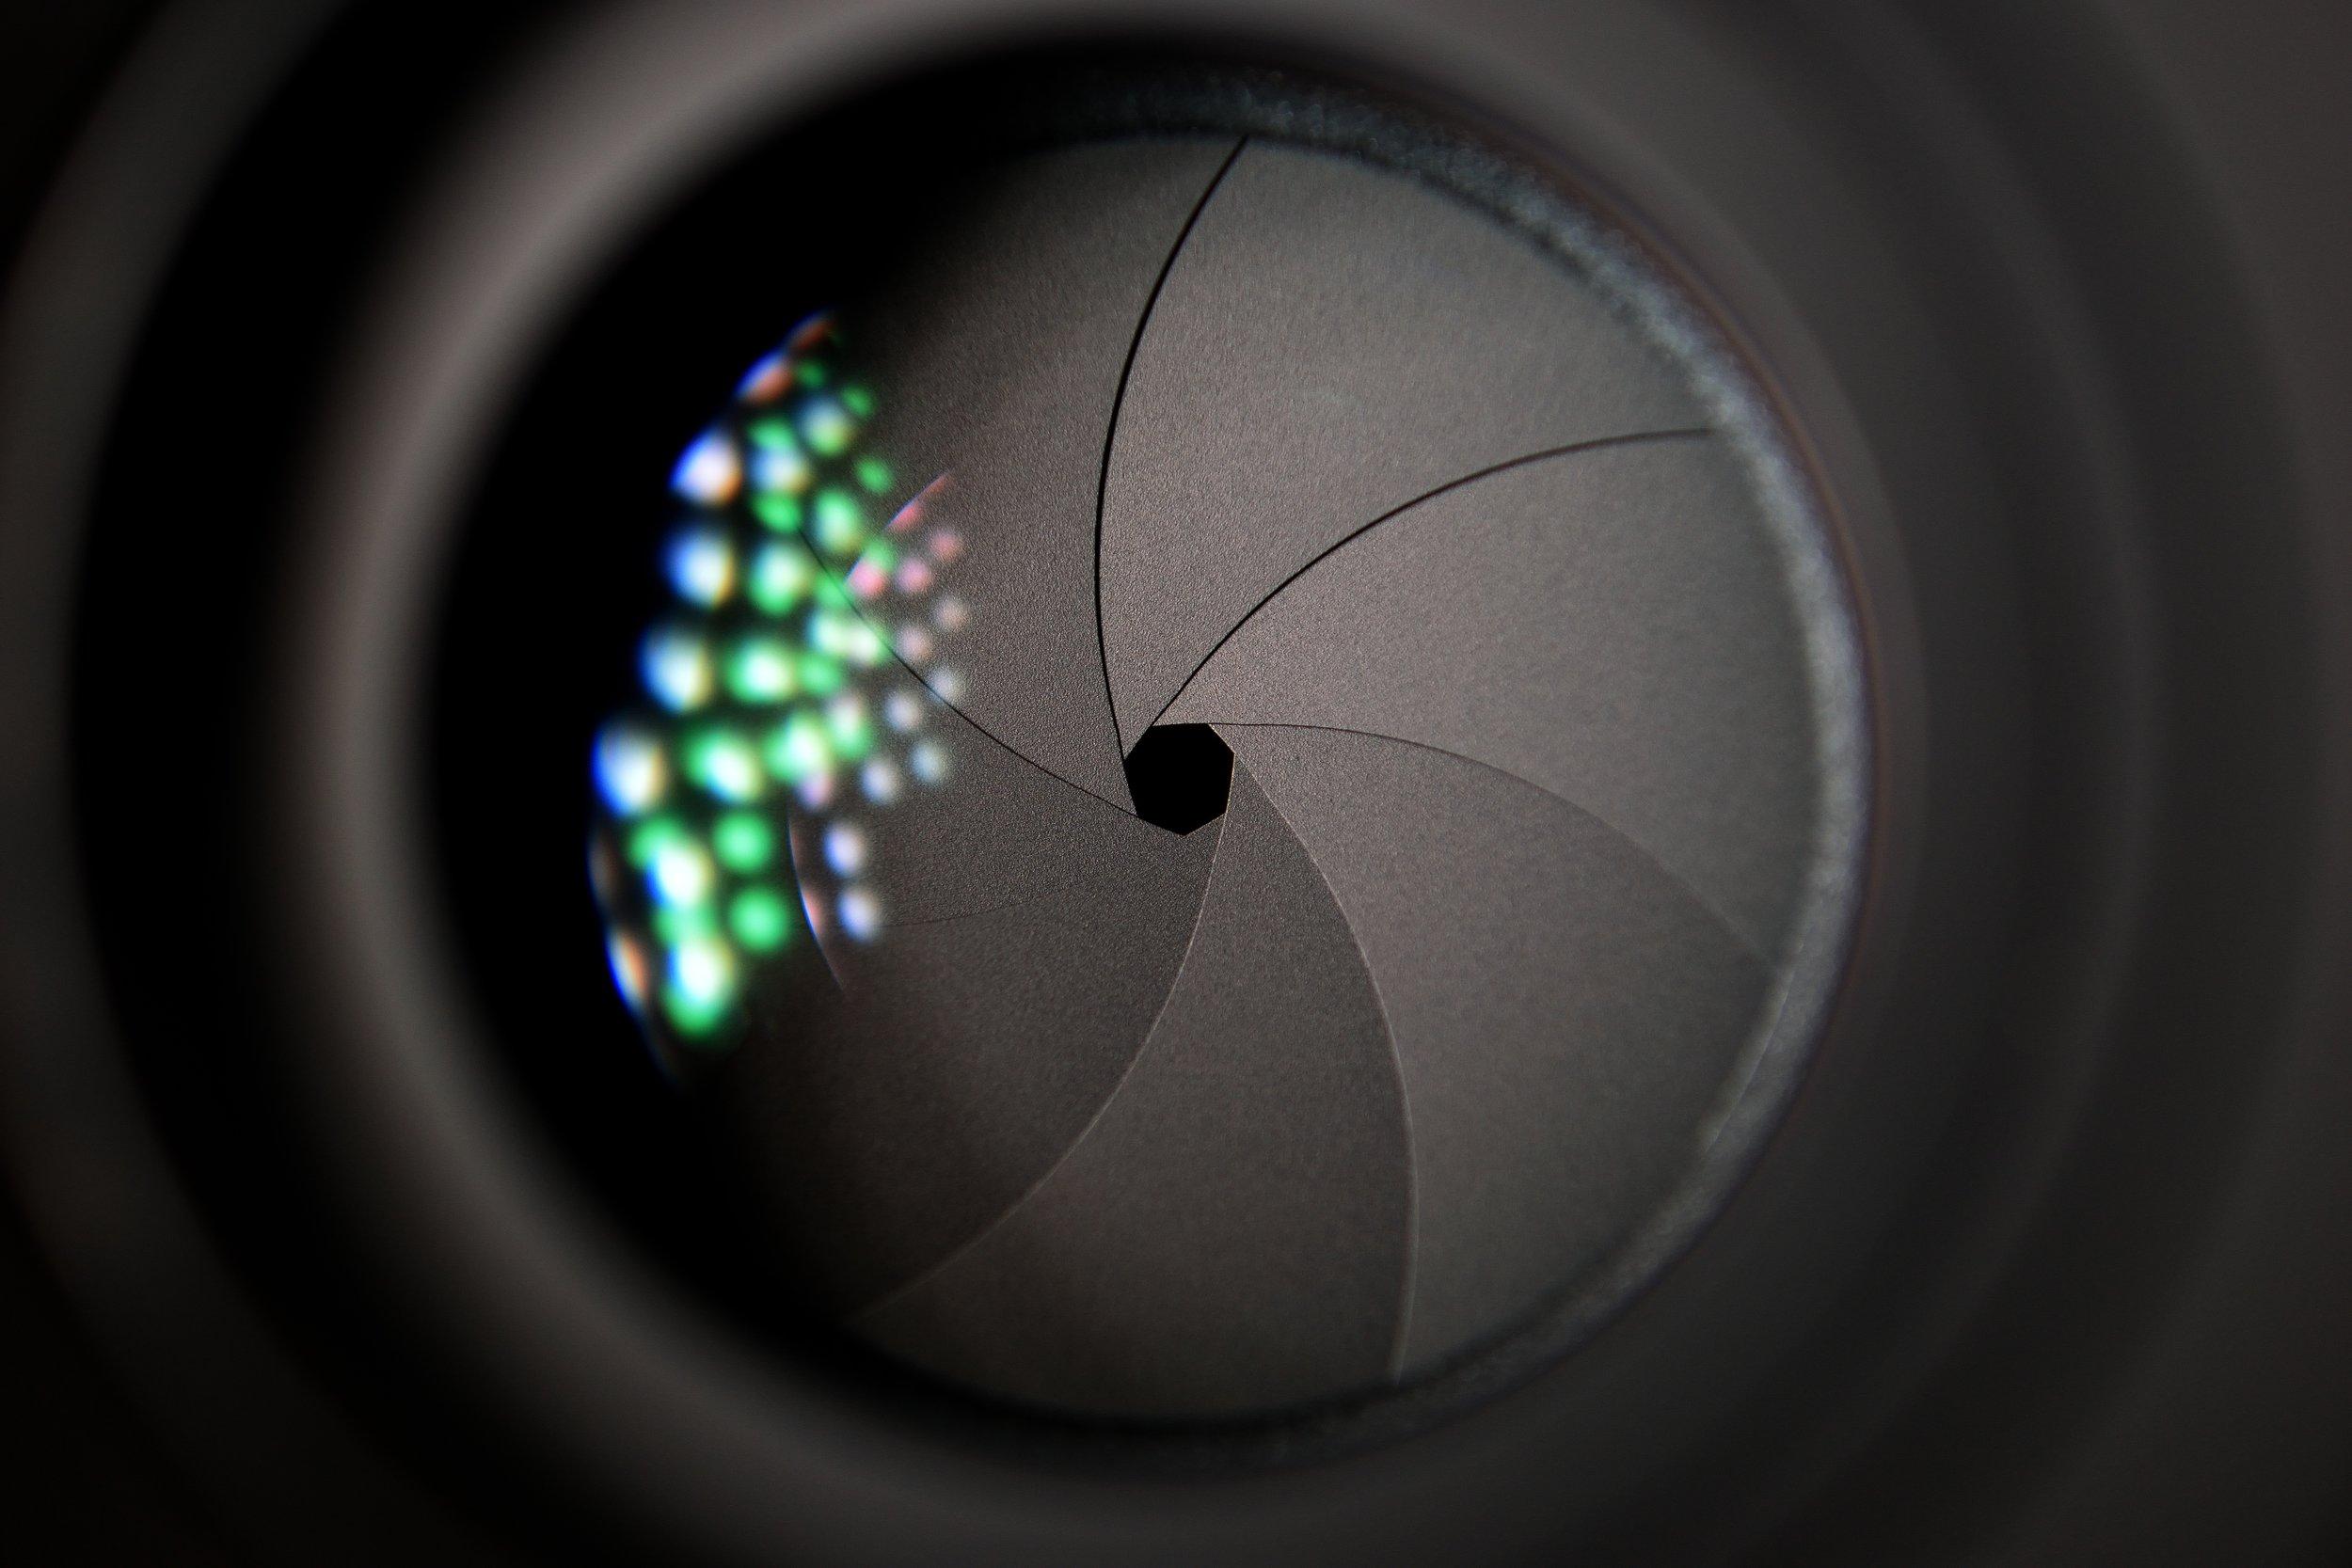 camera-lens-2246472.jpg